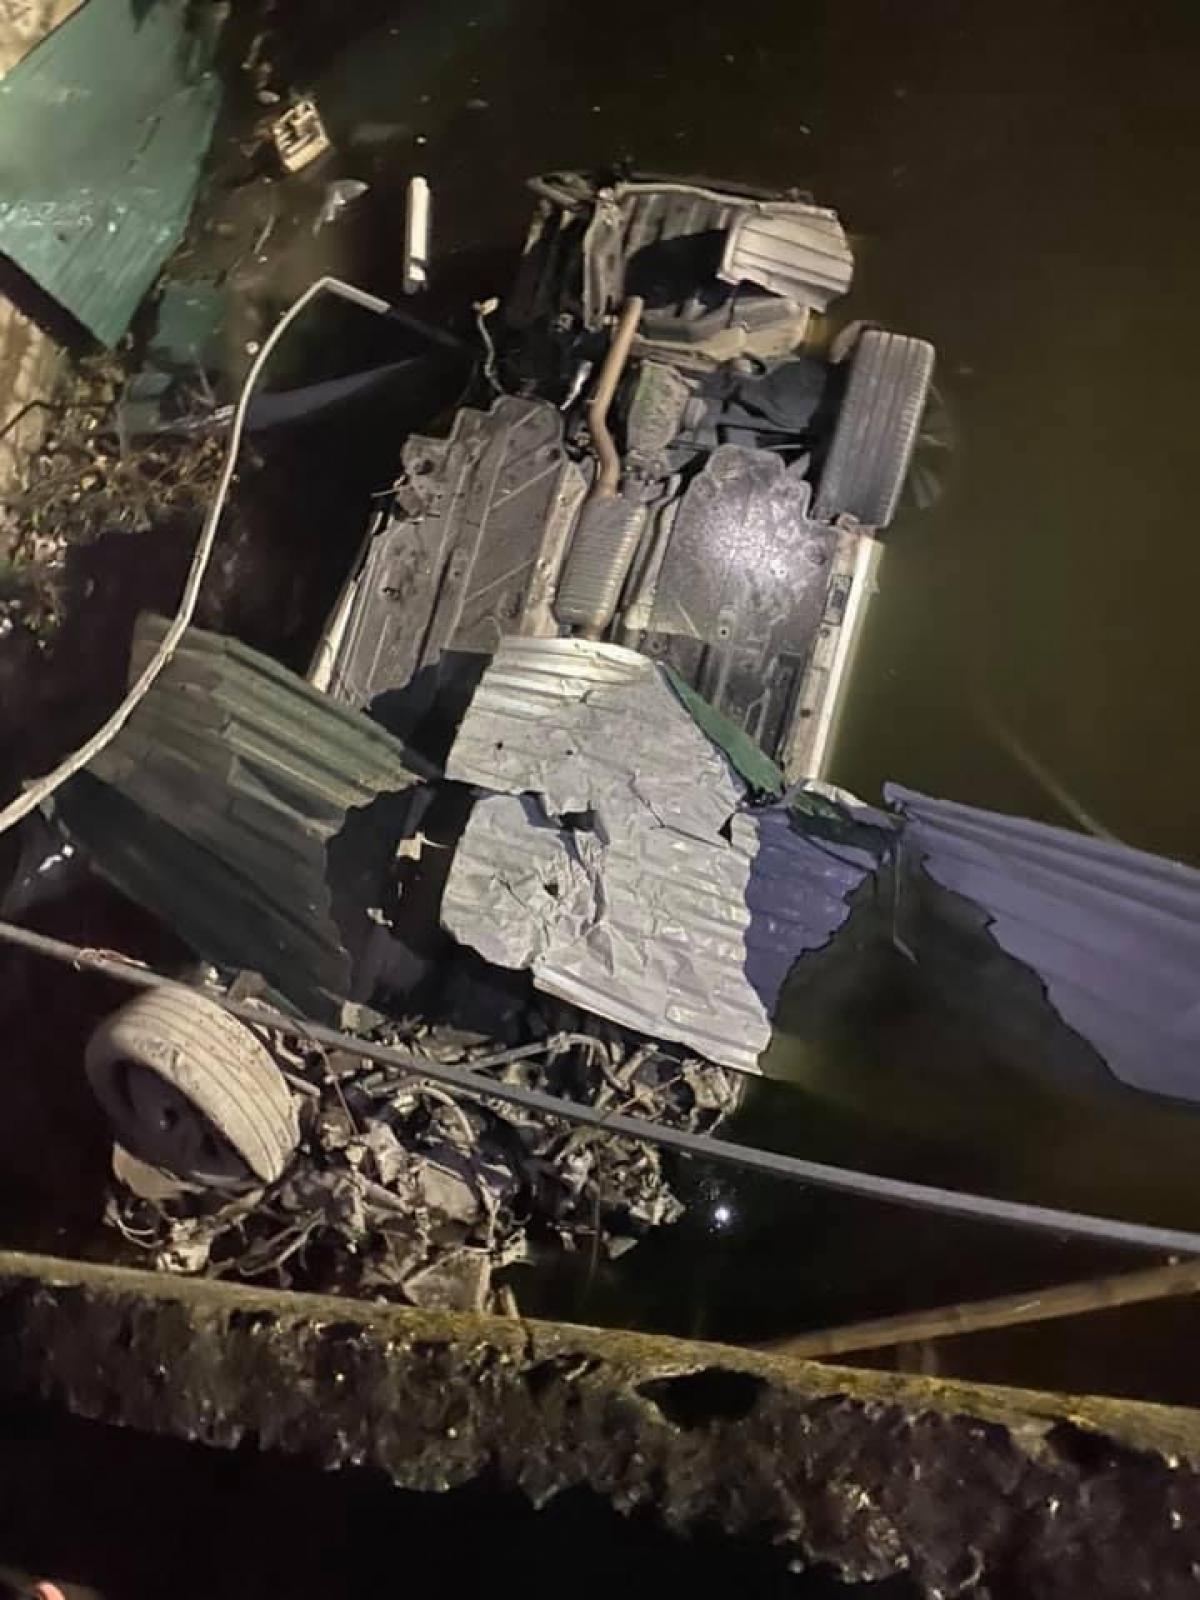 Khoảng 23h đêm qua (3/12), tại km49+600 đường Quốc lộ 37 thuộc xã Gia Xuyên - TP Hải Dương, tỉnh Hải Dương xảy ra vụ tai nạn giao thông khiến một nam thanh niên tử vong tại chỗ.